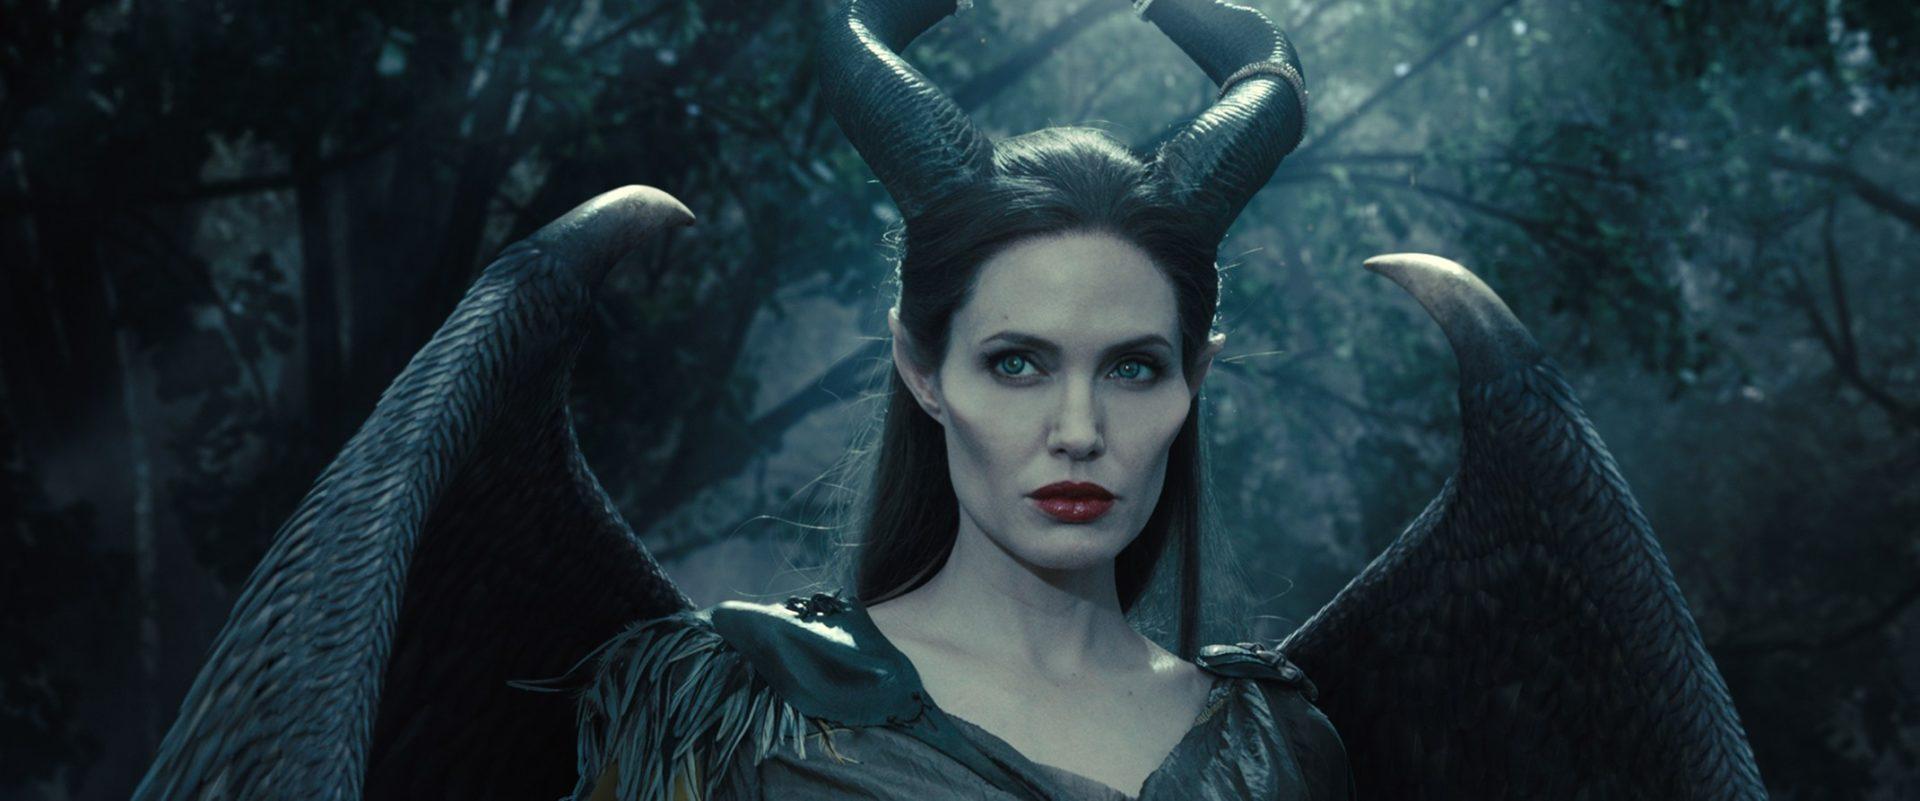 Малефисента: как макияж делает из красавицы ведьму? Видео